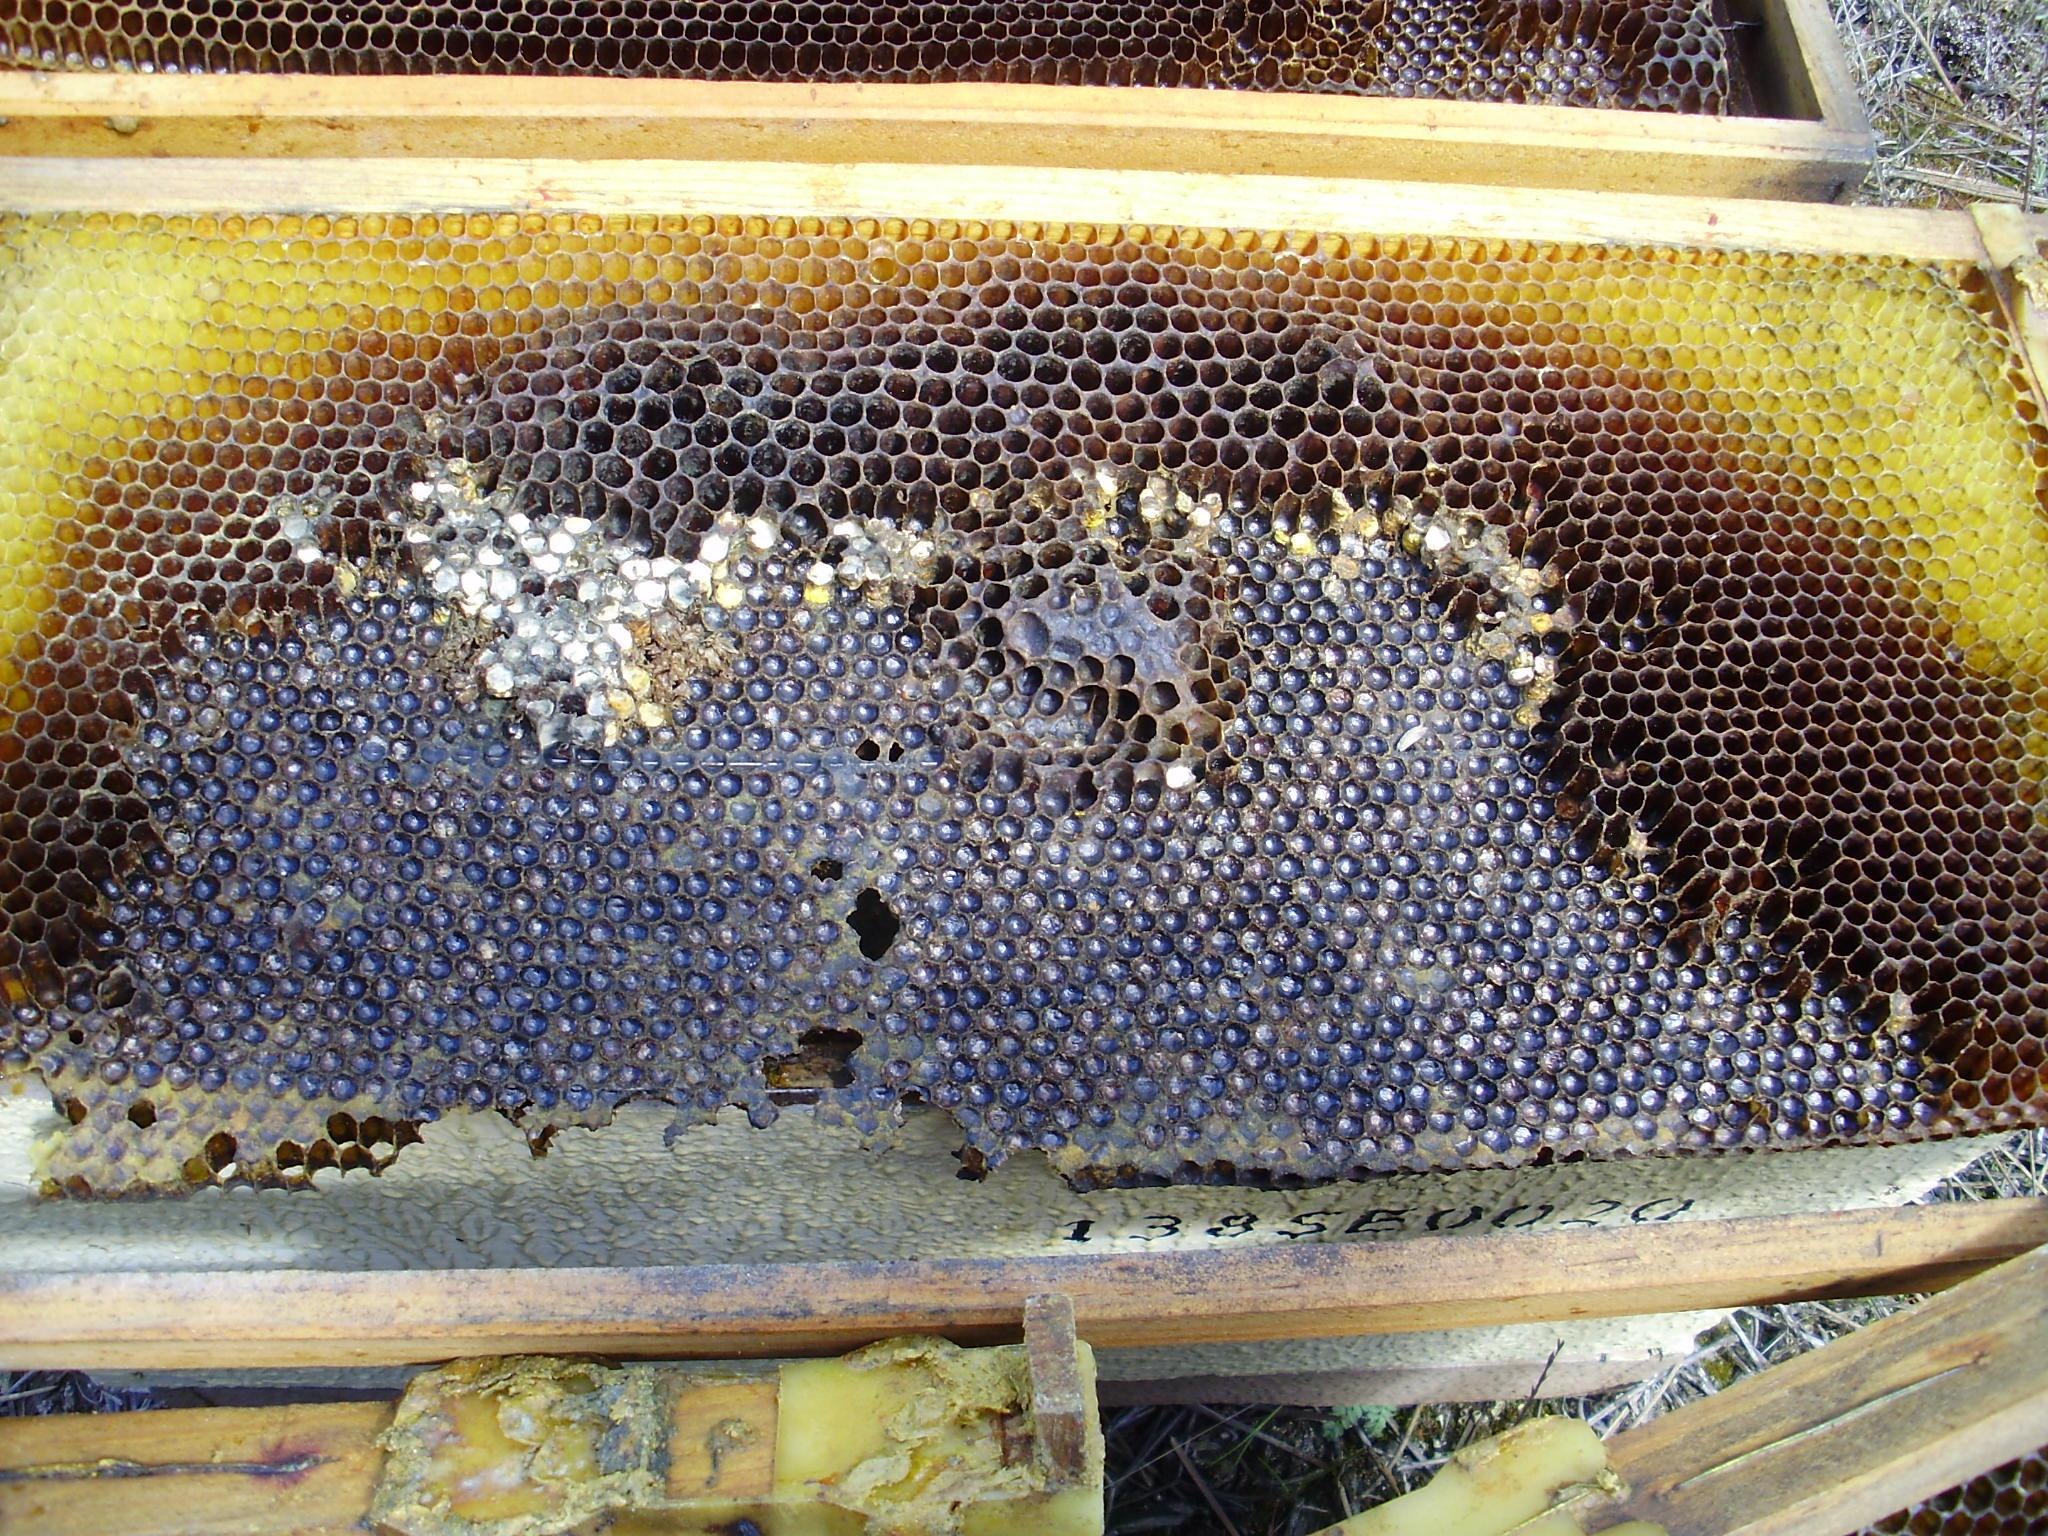 Limpieza de las colmenas a la salida del invierno   Fundación Amigos ...